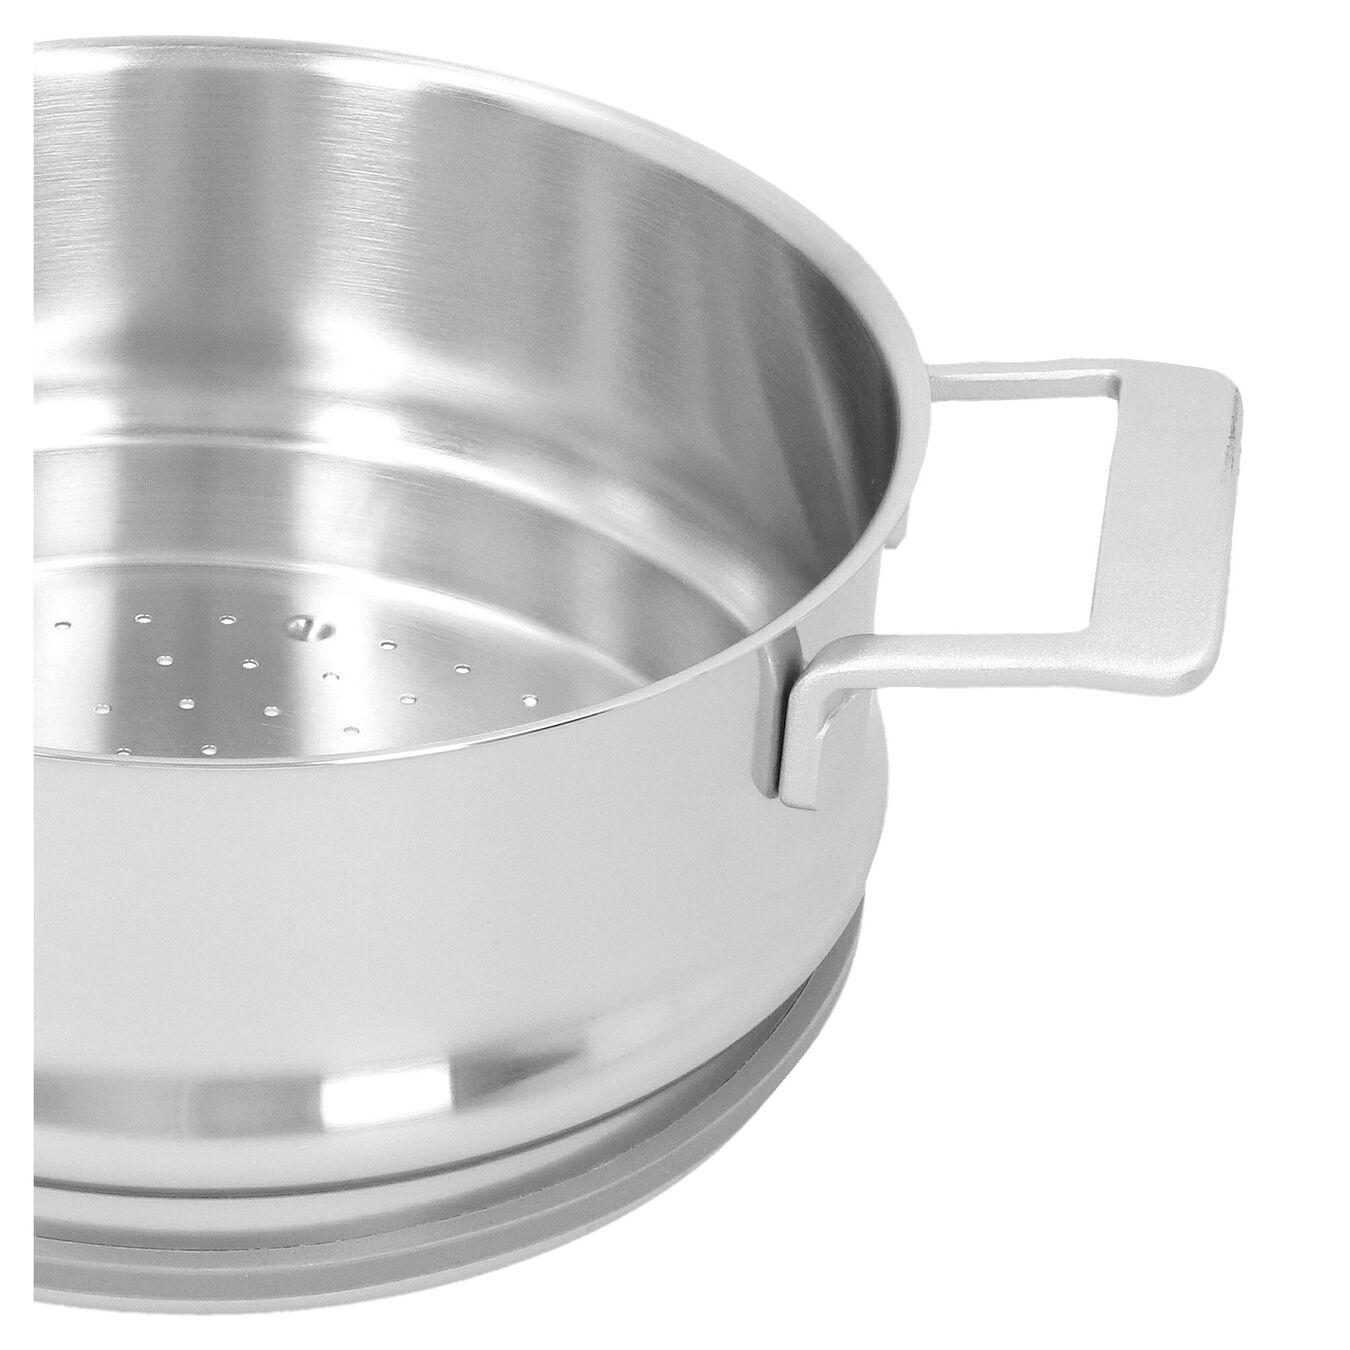 Passoire pour cuit vapeur 24 cm, Inox 18/10,,large 5